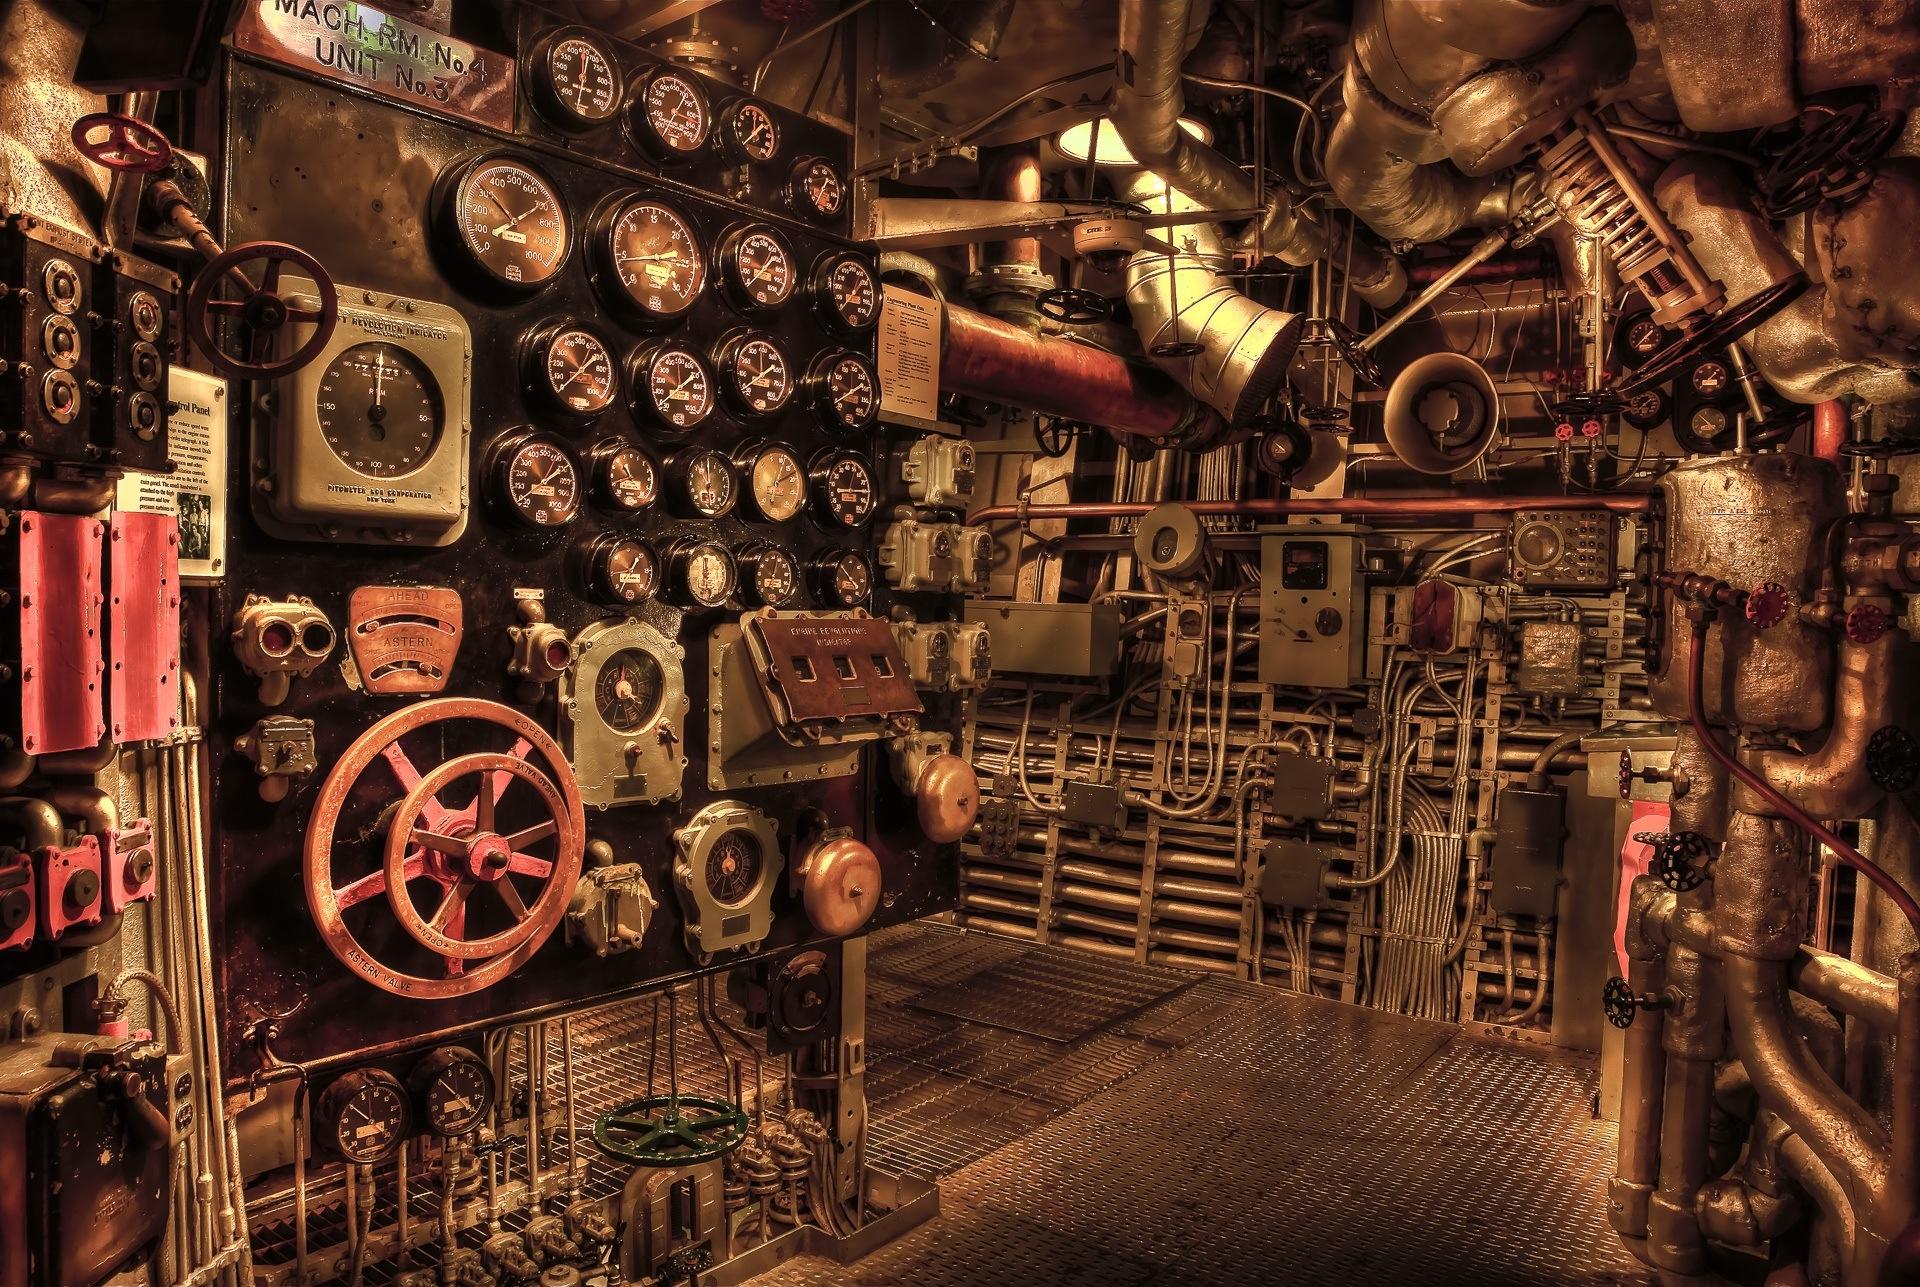 sala de máquinas, válvulas, Engrenagens, chaves, máquina - Papel de parede HD - Professor-falken.com